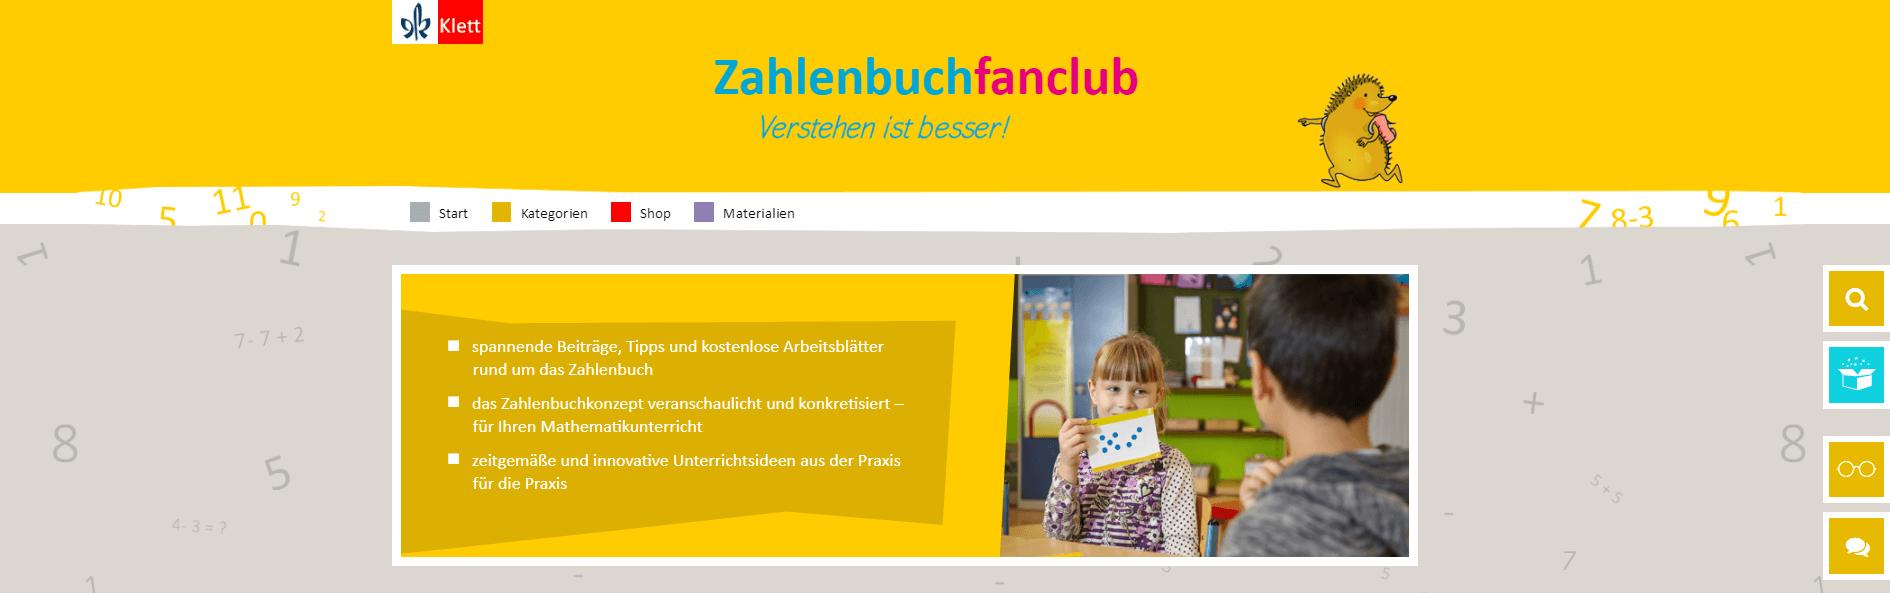 Zahlenbuchfanclub - Klett Grundschulverlag